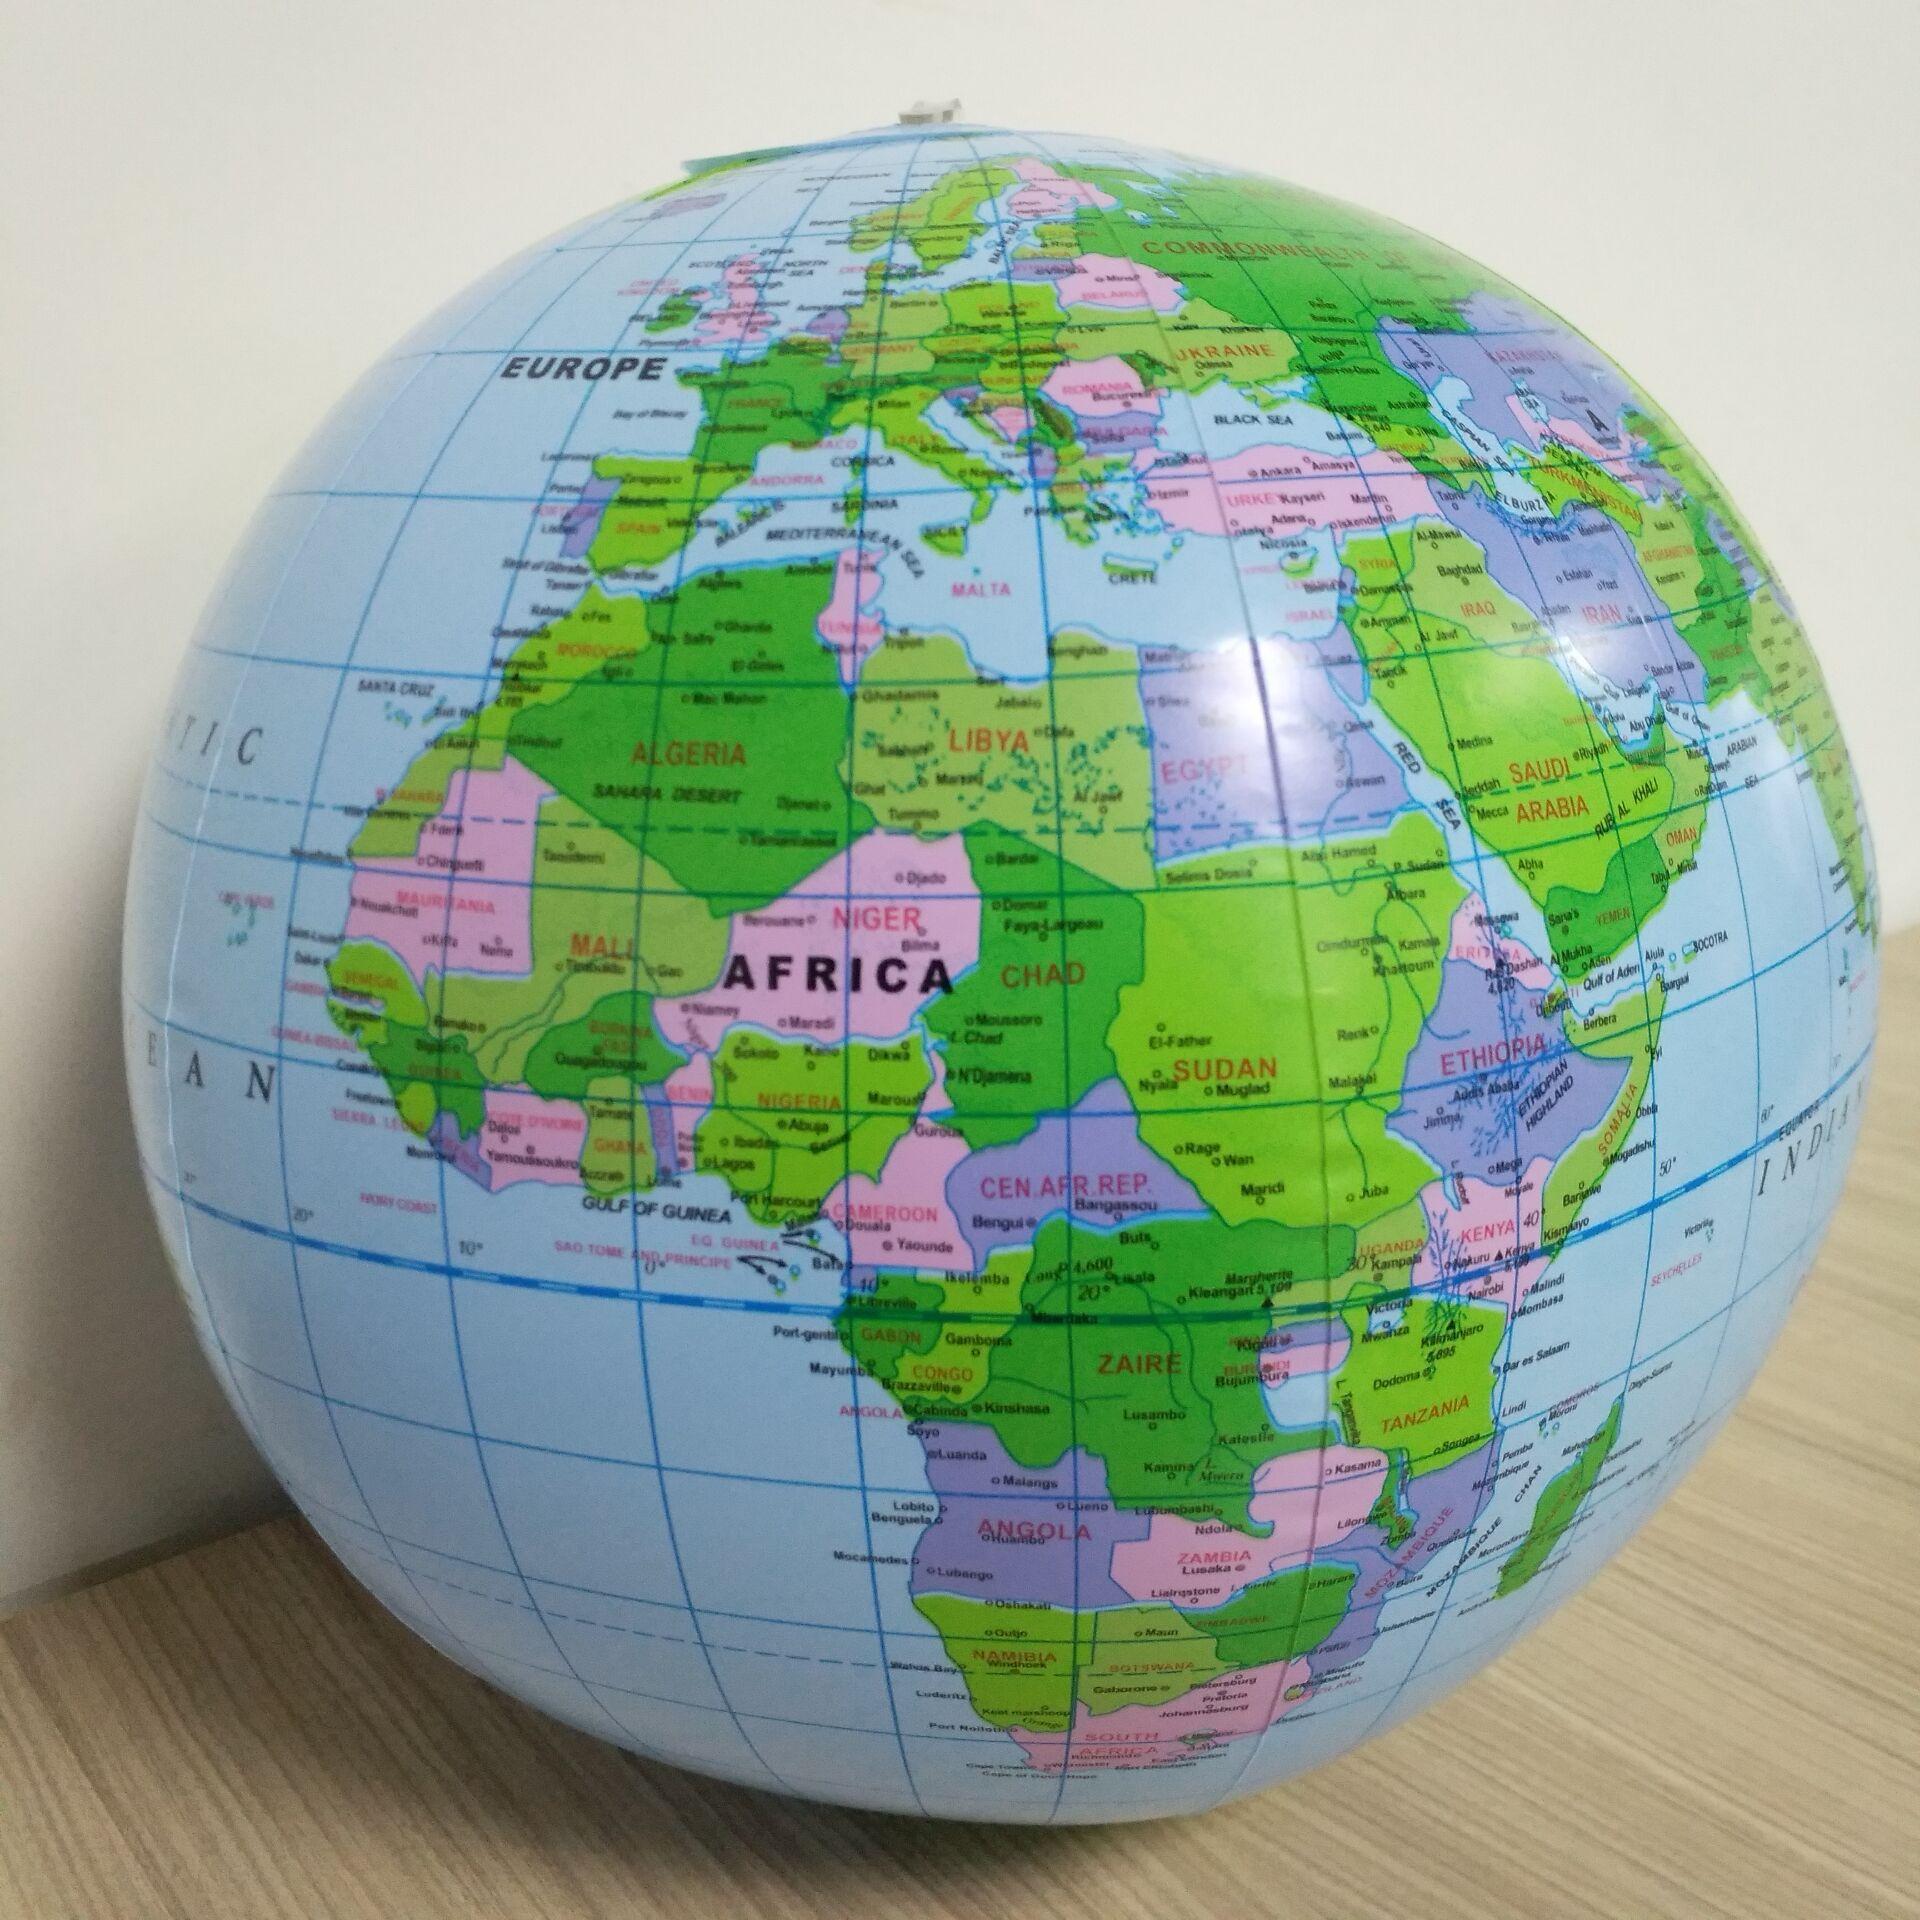 Diplomatisch 30 Cm Aufblasbare Globus Welt Erde Ozean Karte Ball Geographie Lernen Pädagogisches Strand Ball Kinder Geographie Educational Supplies AusgewäHltes Material